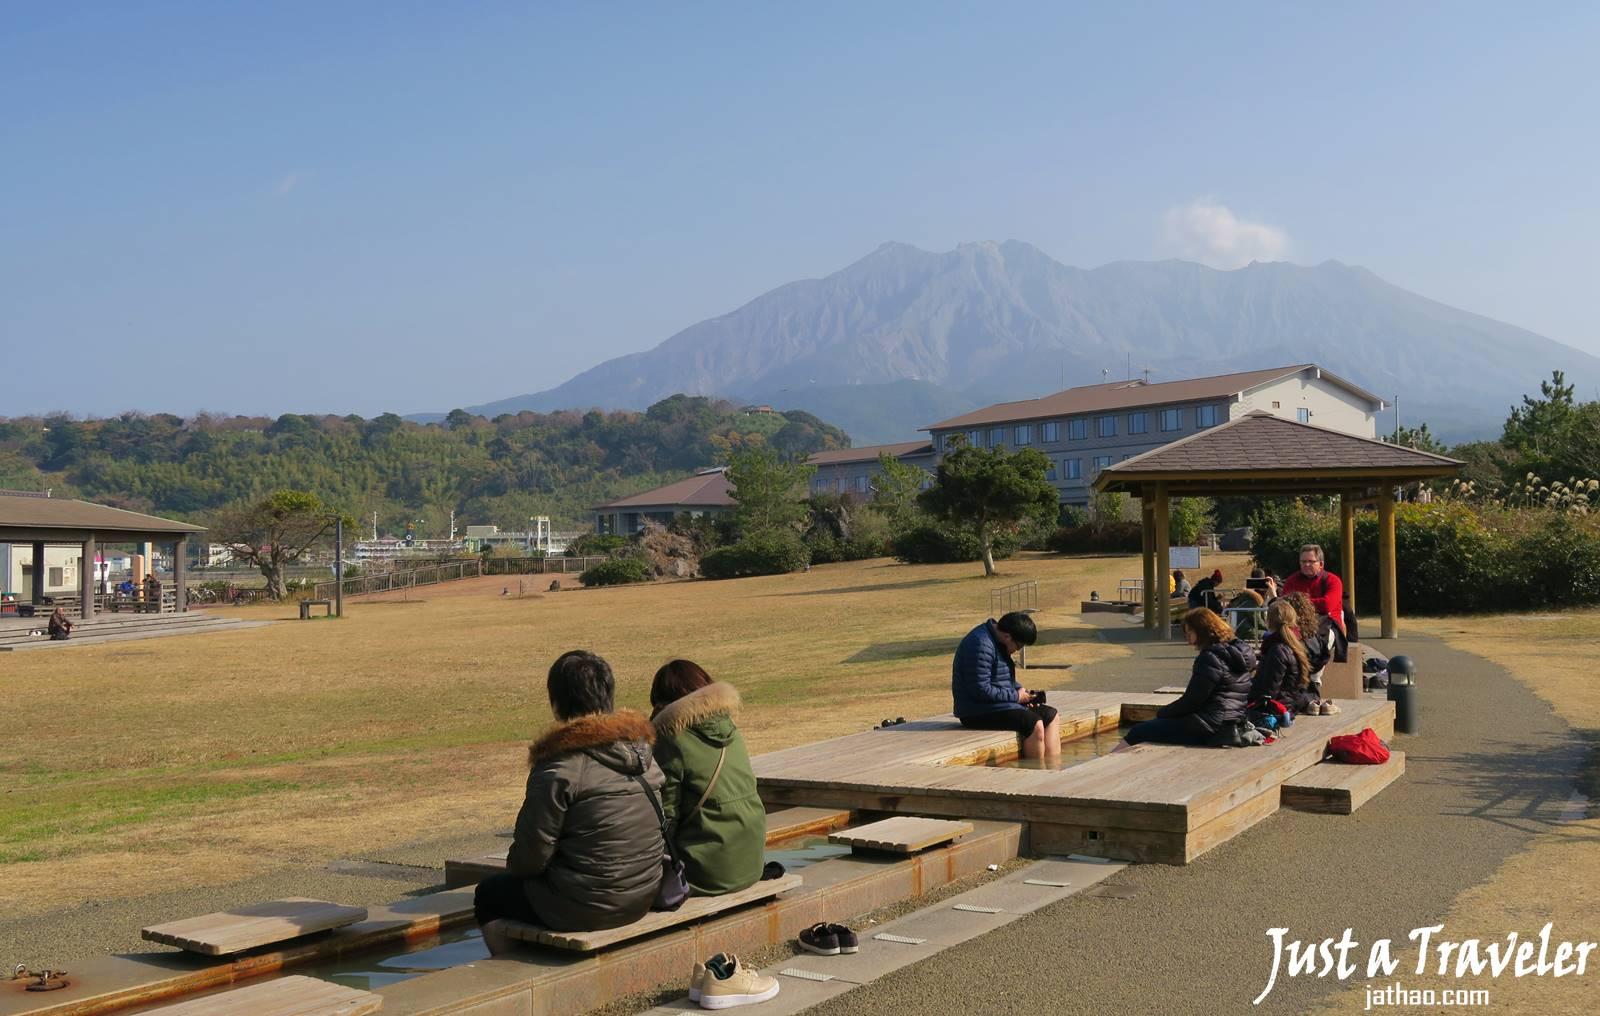 九州-九州景點-推薦-櫻島-九州行程-九州必玩景點-九州必遊景點-九州旅遊景點-九州自由行-九州觀光景點-九州好玩景點-九州介紹-日本-Kyushu